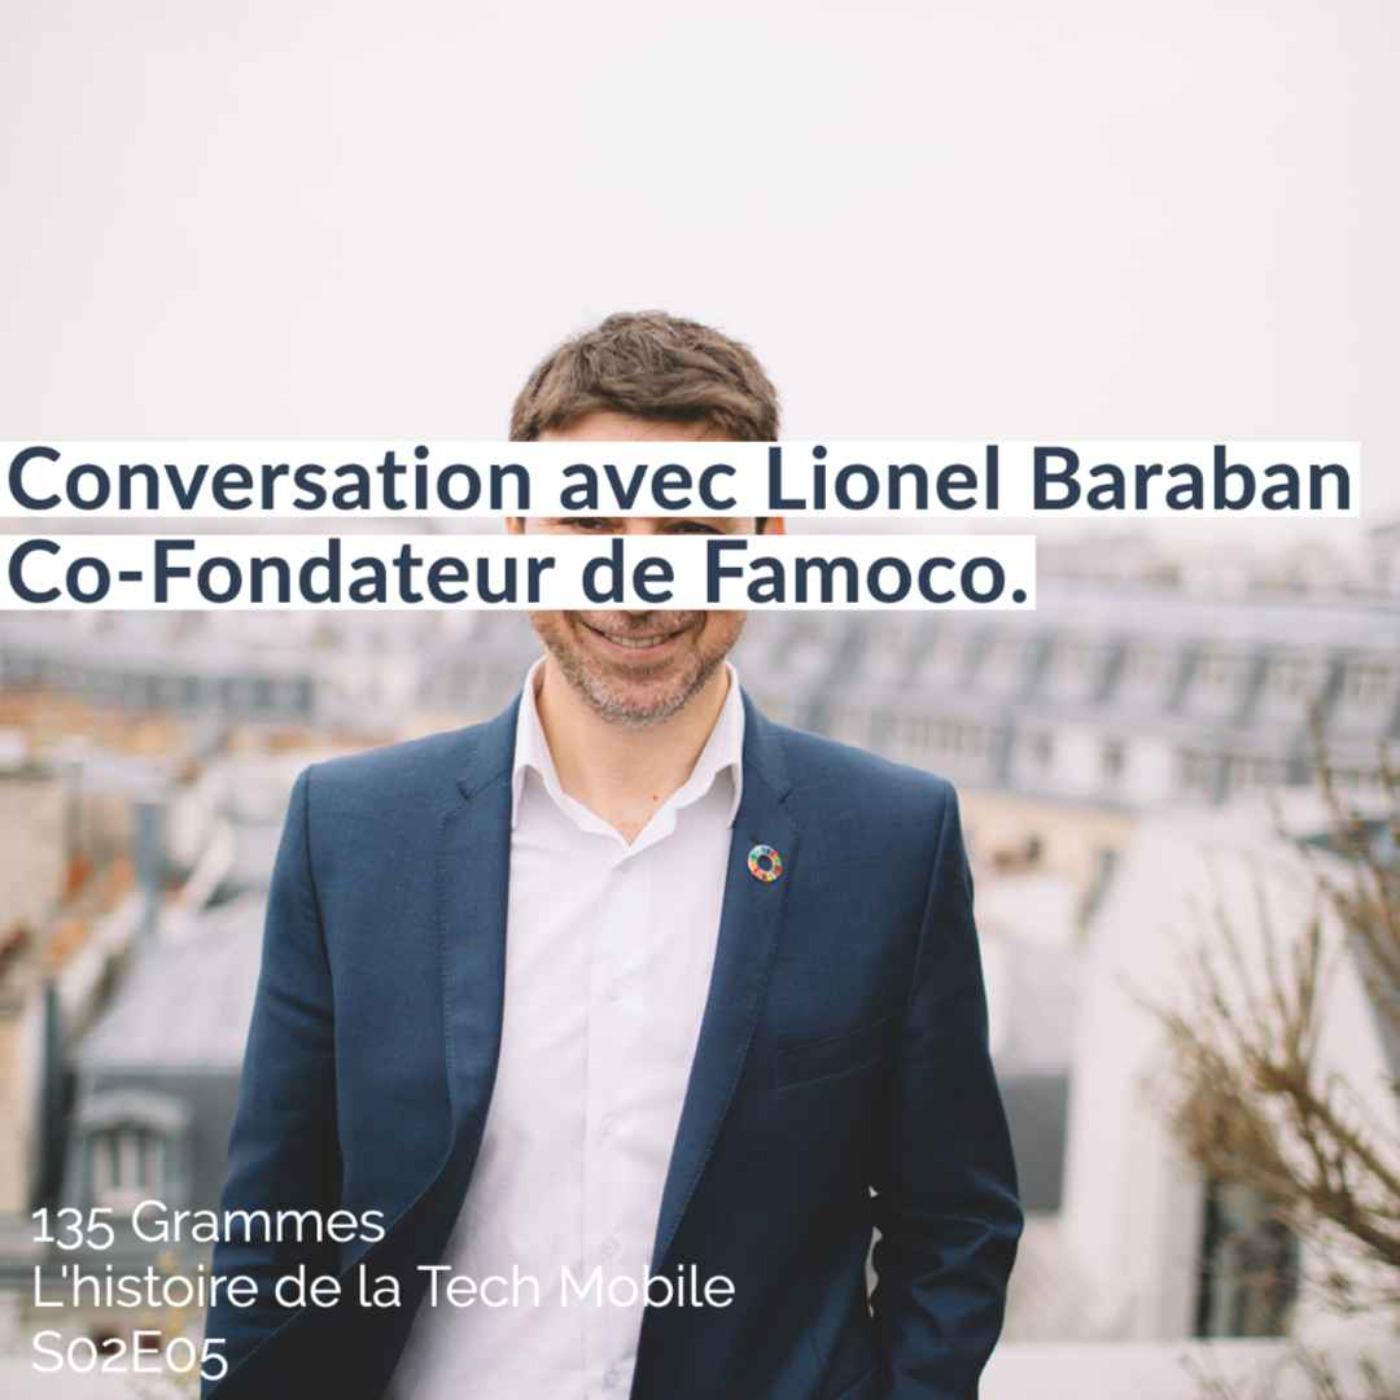 Conversation avec Lionel Baraban, Co-fondateur de Famoco